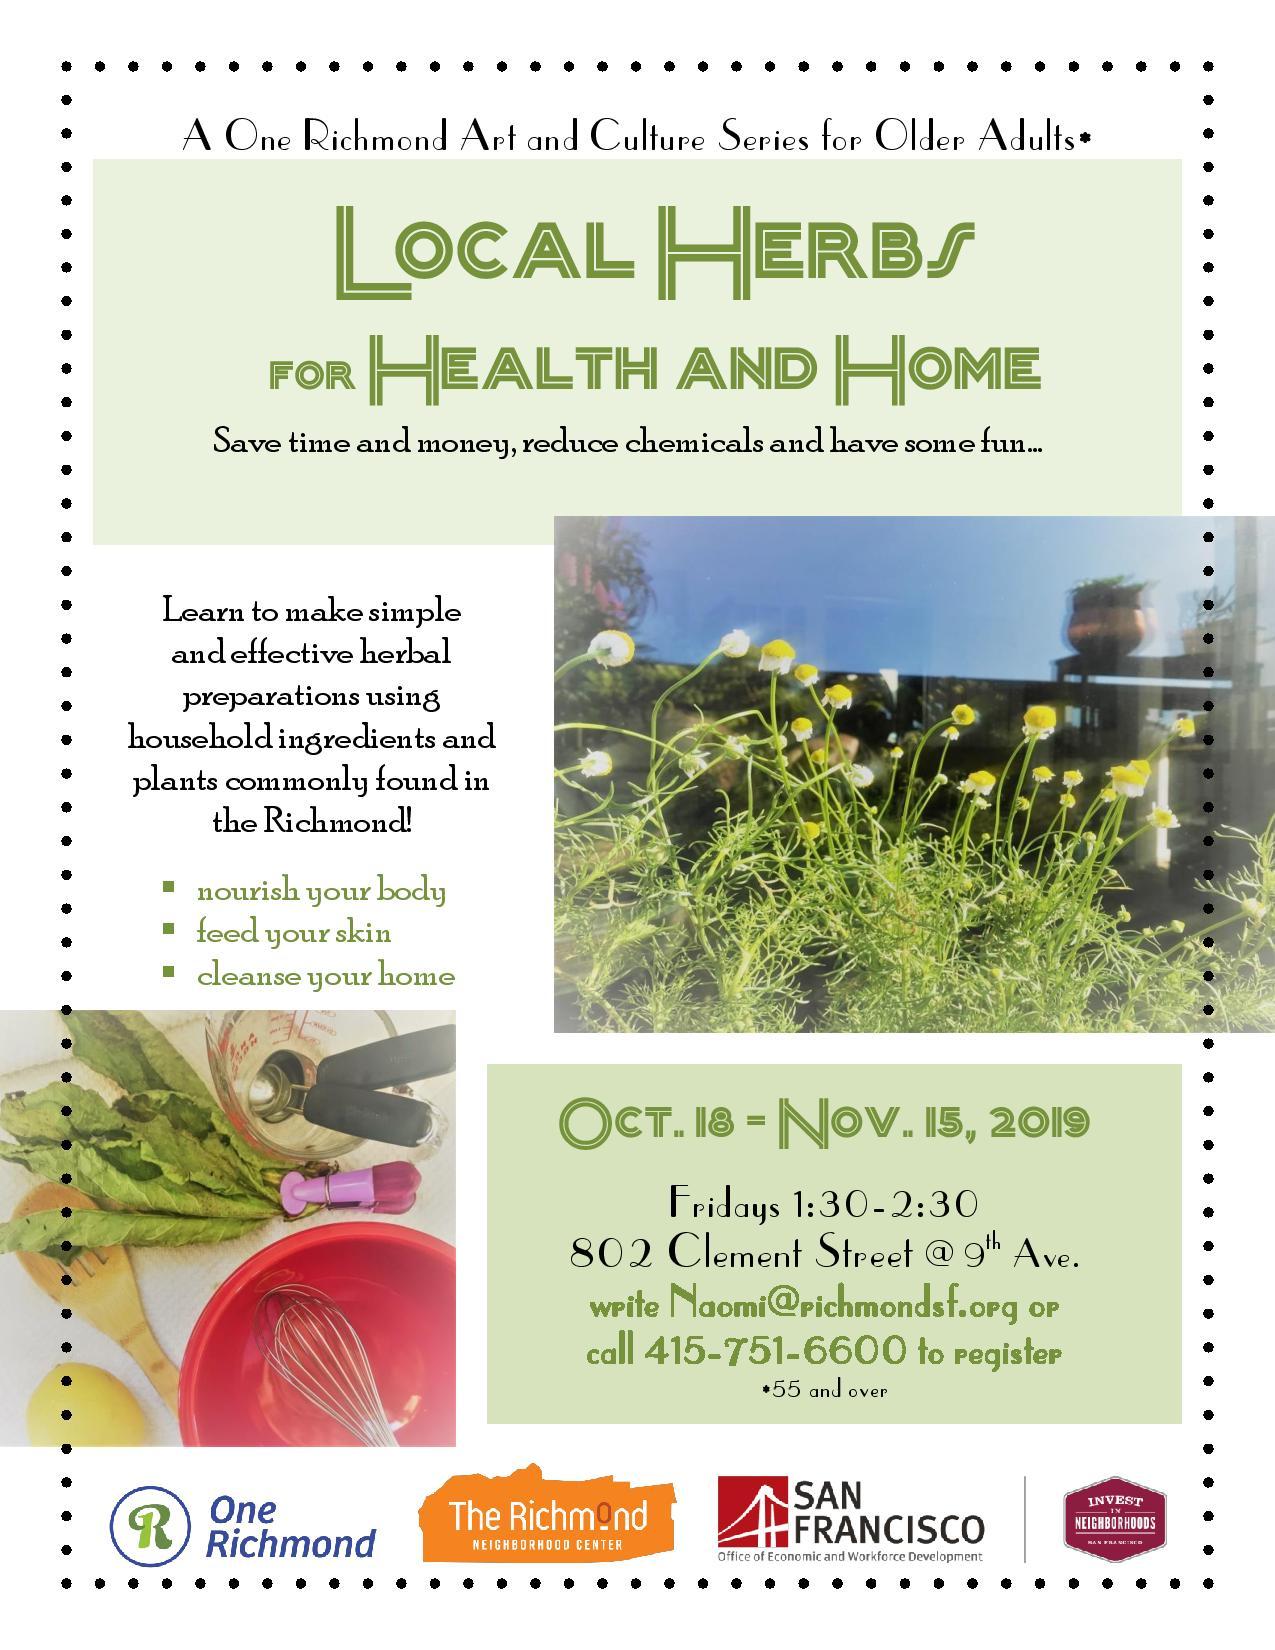 Local Herbs Workshop Flyer_V3-page-001.jpg